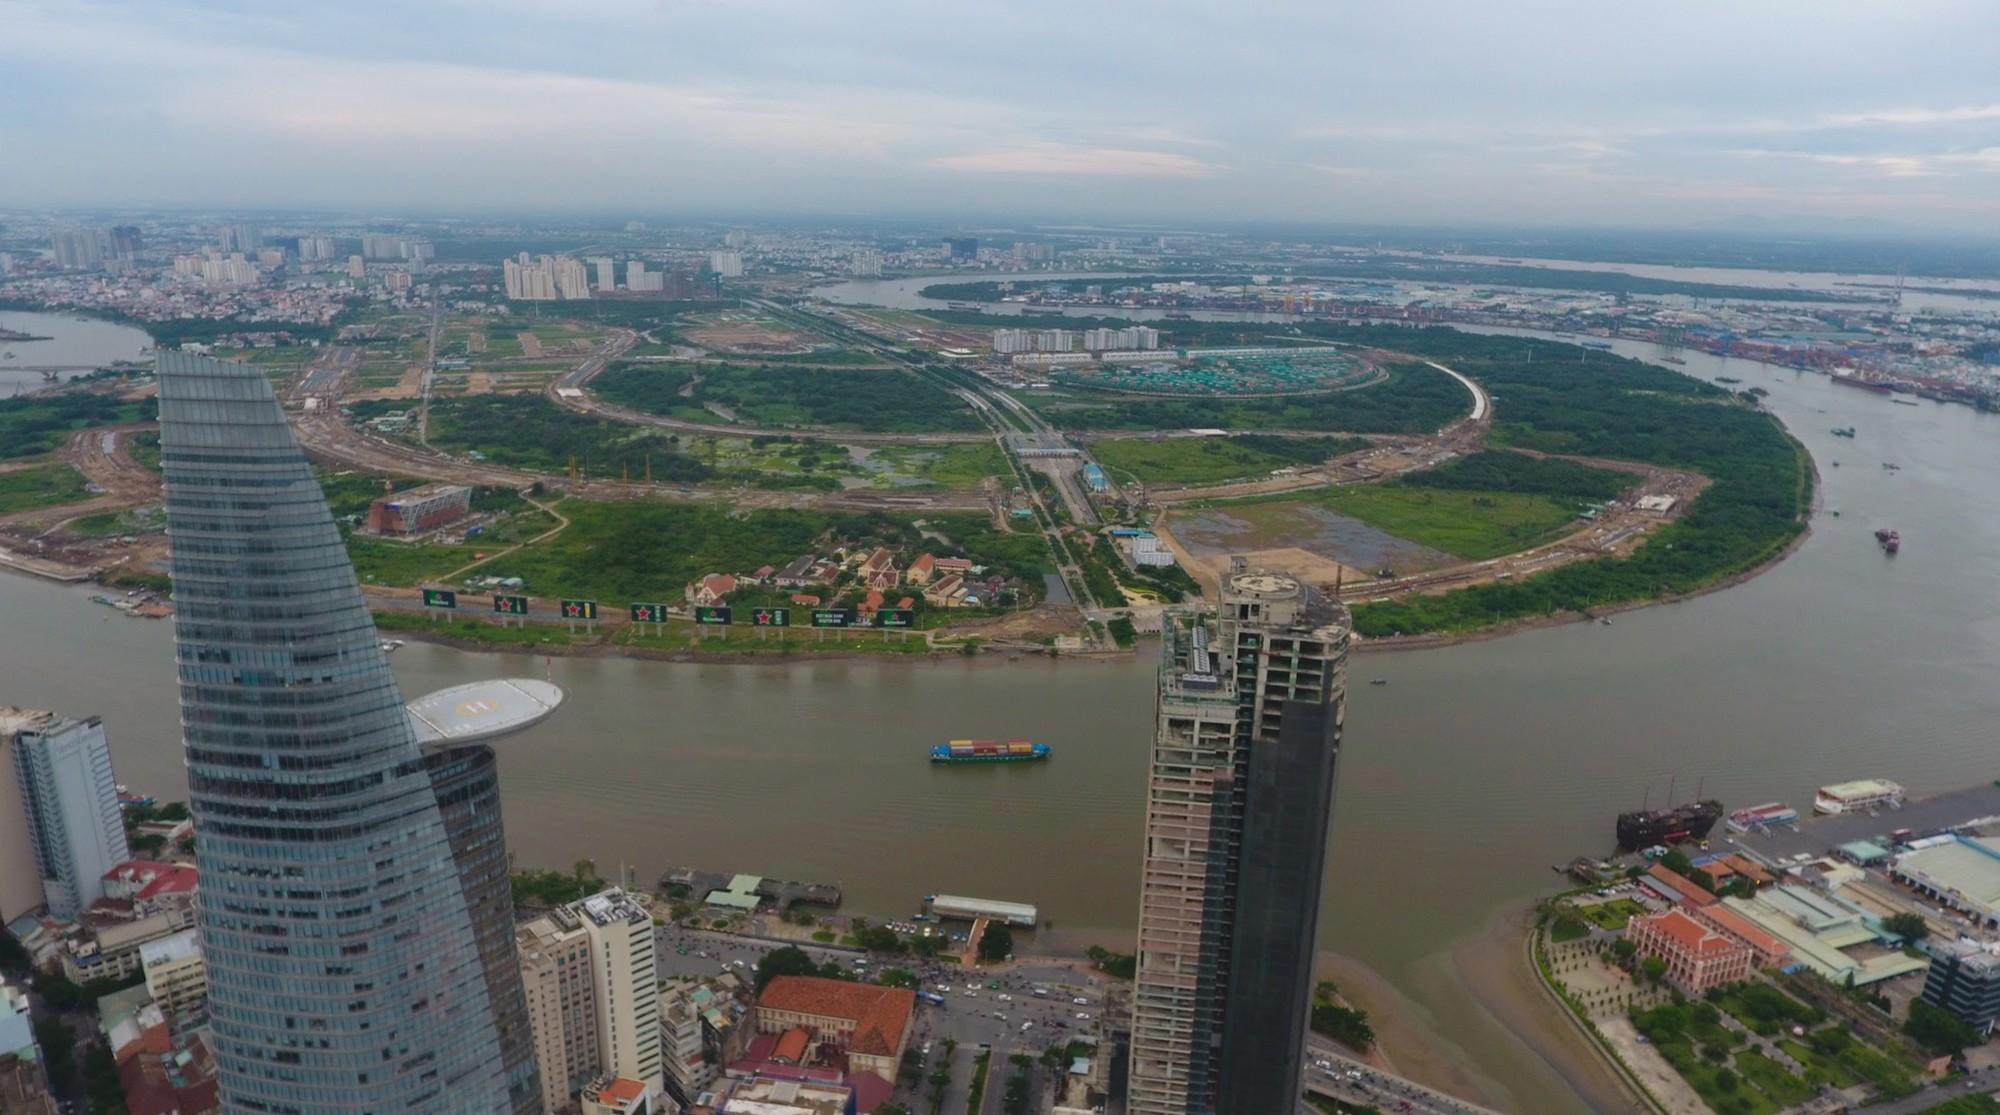 Diện mạo bán đảo Thủ Thiêm - khu đô thị đẹp nhất Sài Gòn nhìn từ trên cao - Ảnh 4.